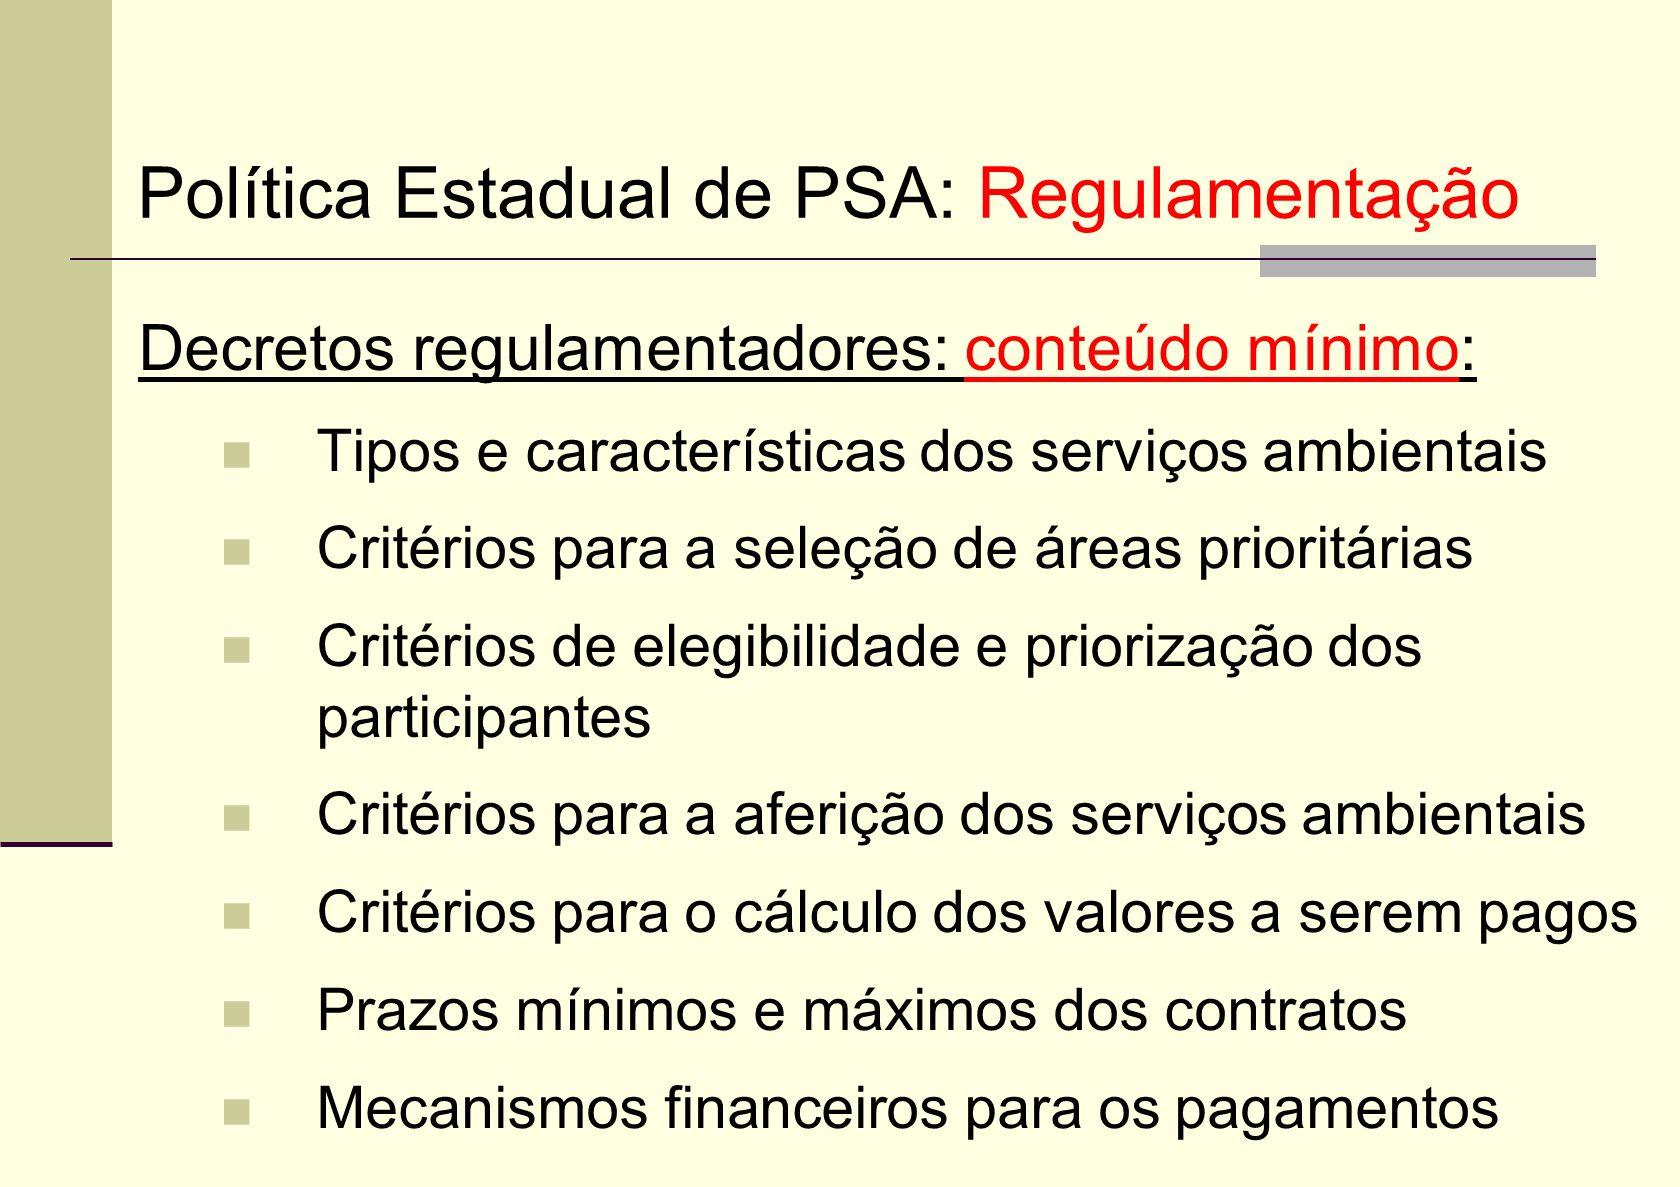 Decretos regulamentadores: conteúdo mínimo: Tipos e características dos serviços ambientais Critérios para a seleção de áreas prioritárias Critérios d